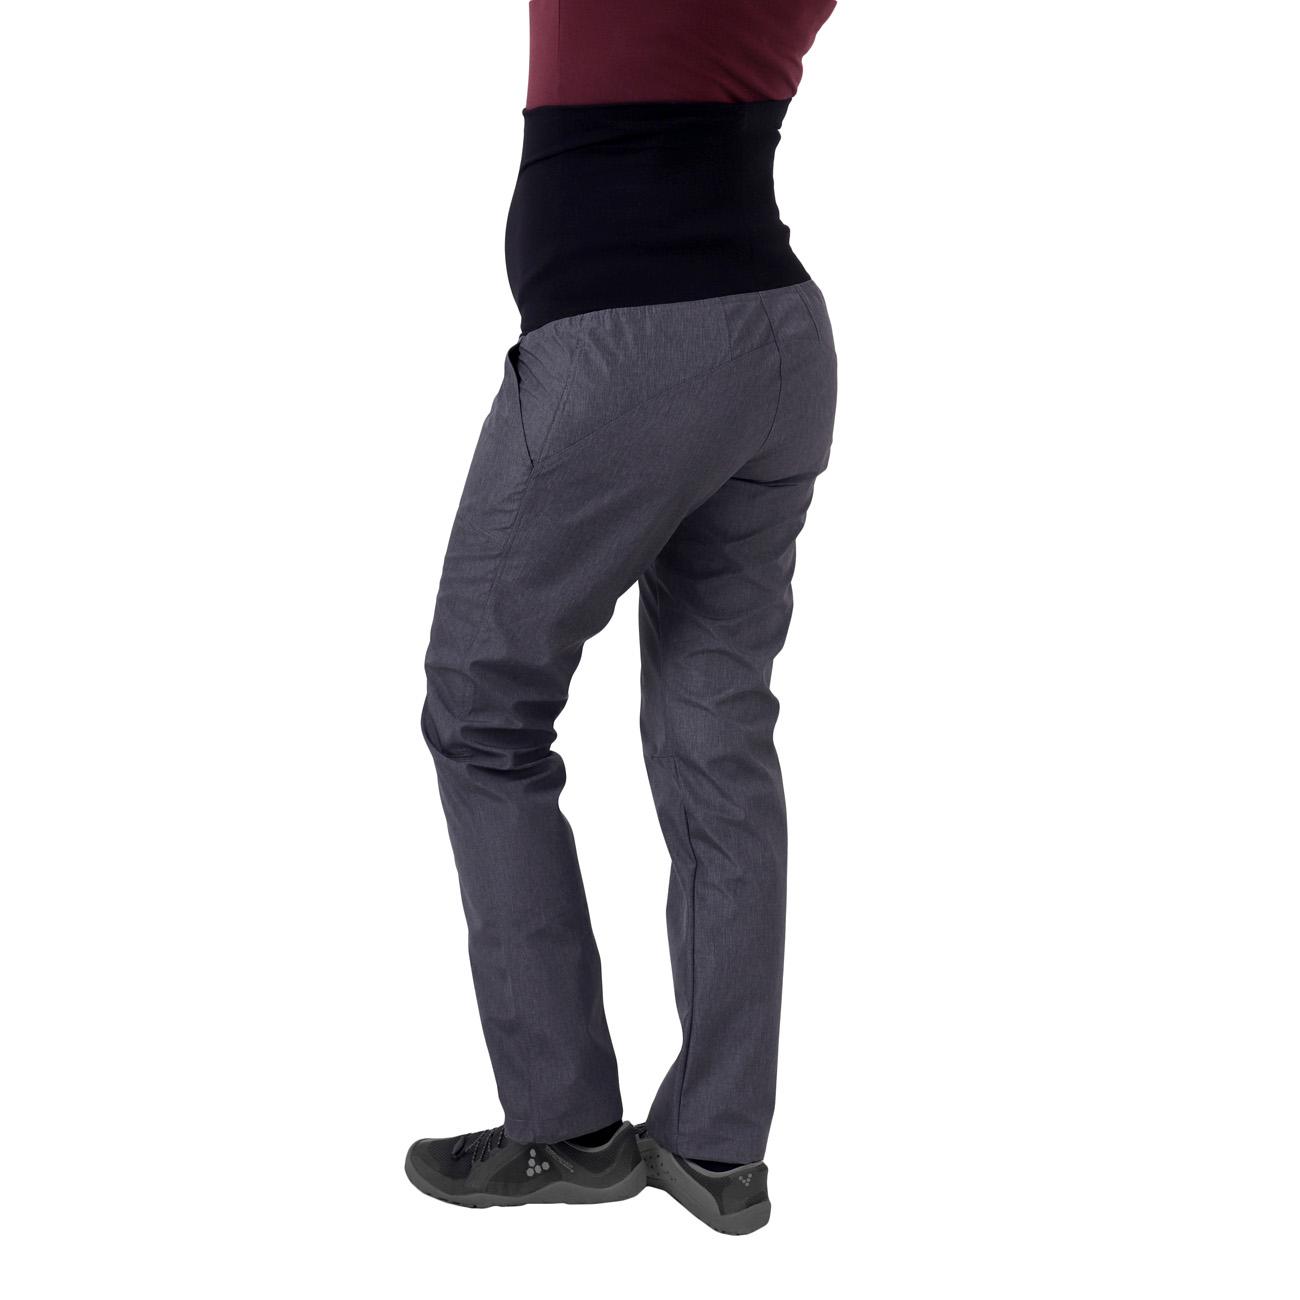 Jarní/letní těhotenské softshellové kalhoty liva, šedý melír, 42 normální délka